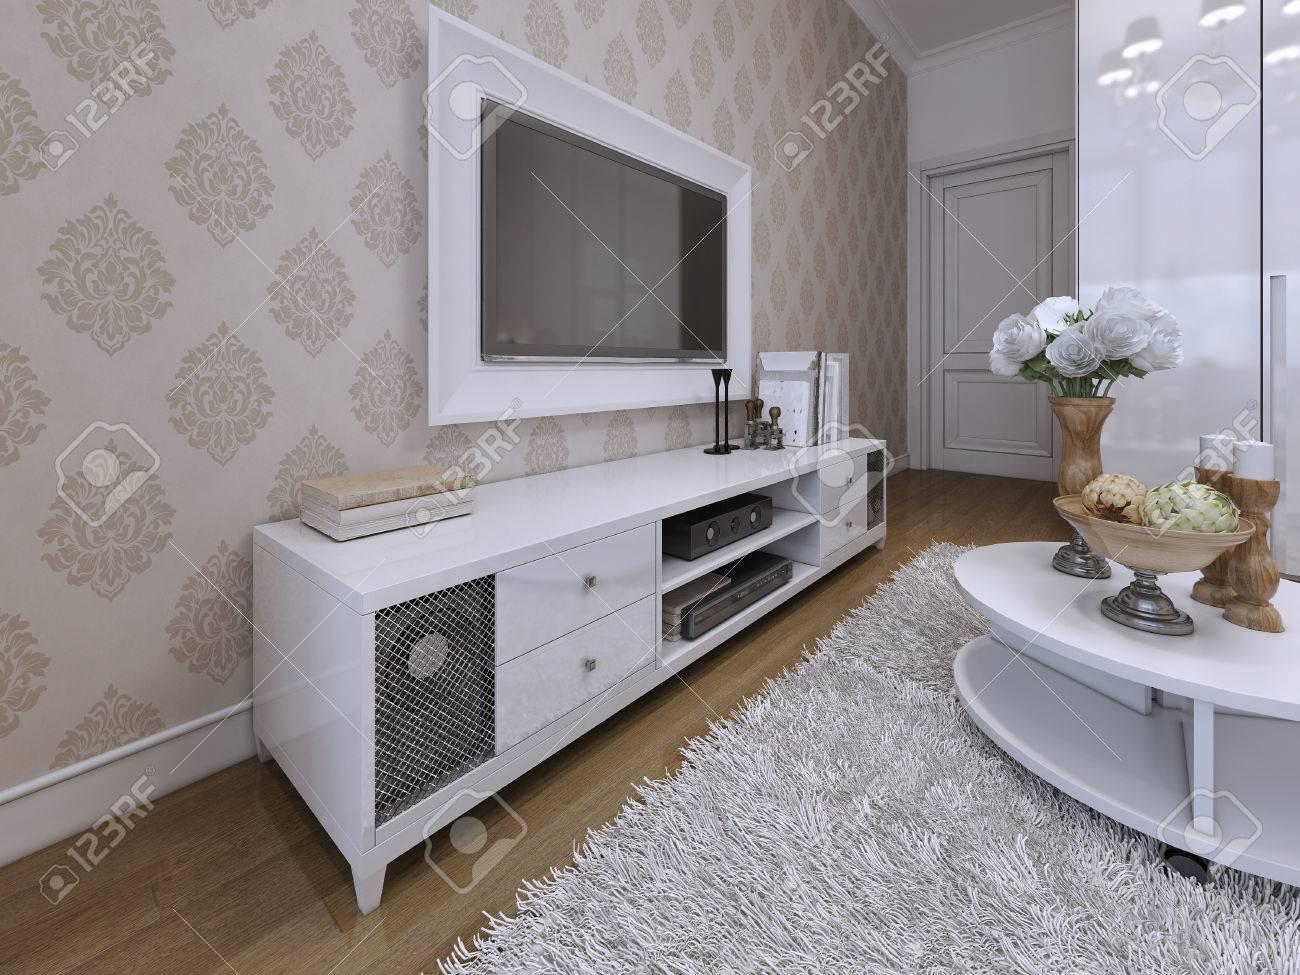 Meuble Tv Avec Un Téléviseur Sur Le Mur Dans Un Cadre Blanc Style